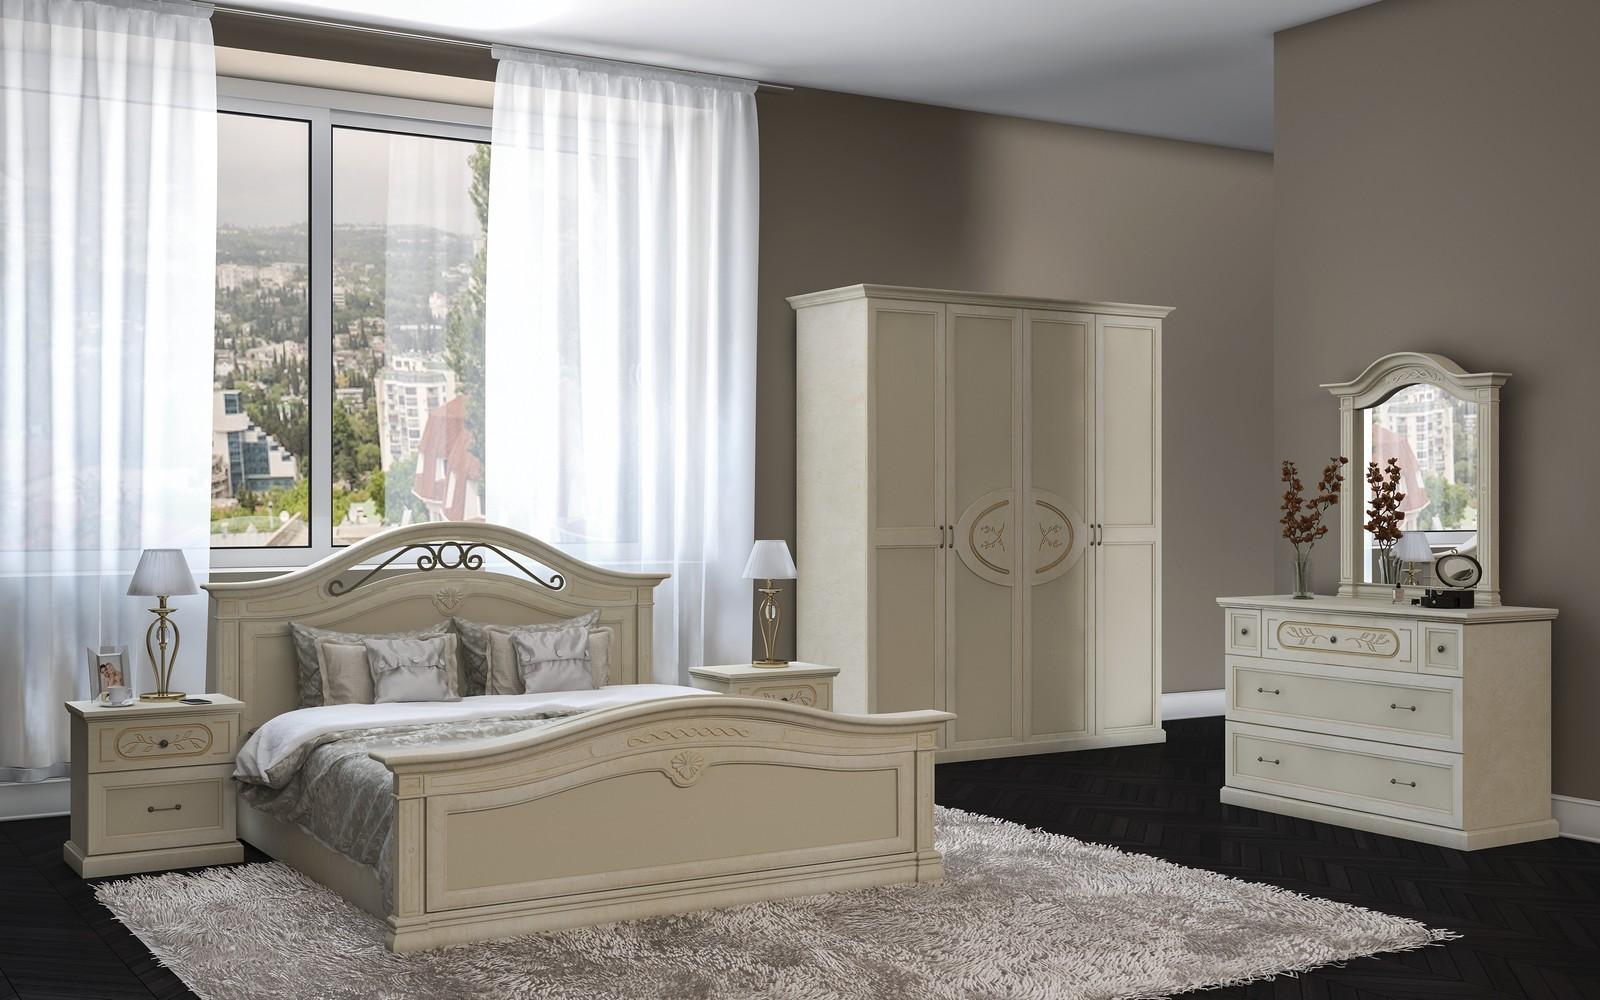 Schlafzimmer palermo in beige klassisch eur for Schlafzimmer klassisch